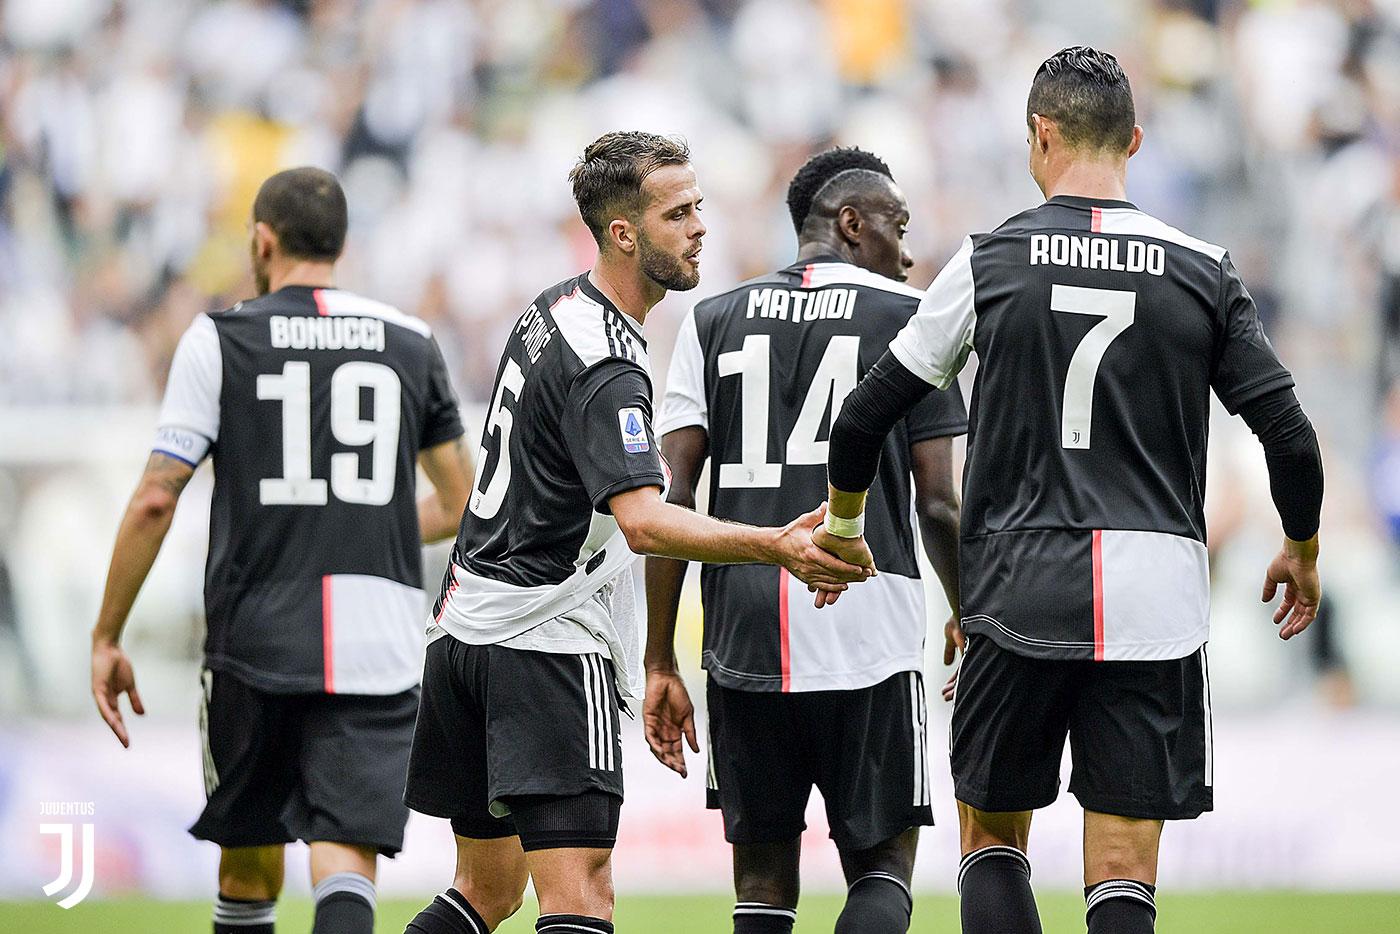 Photo of Berita Bola Juventus Terbaru 2019